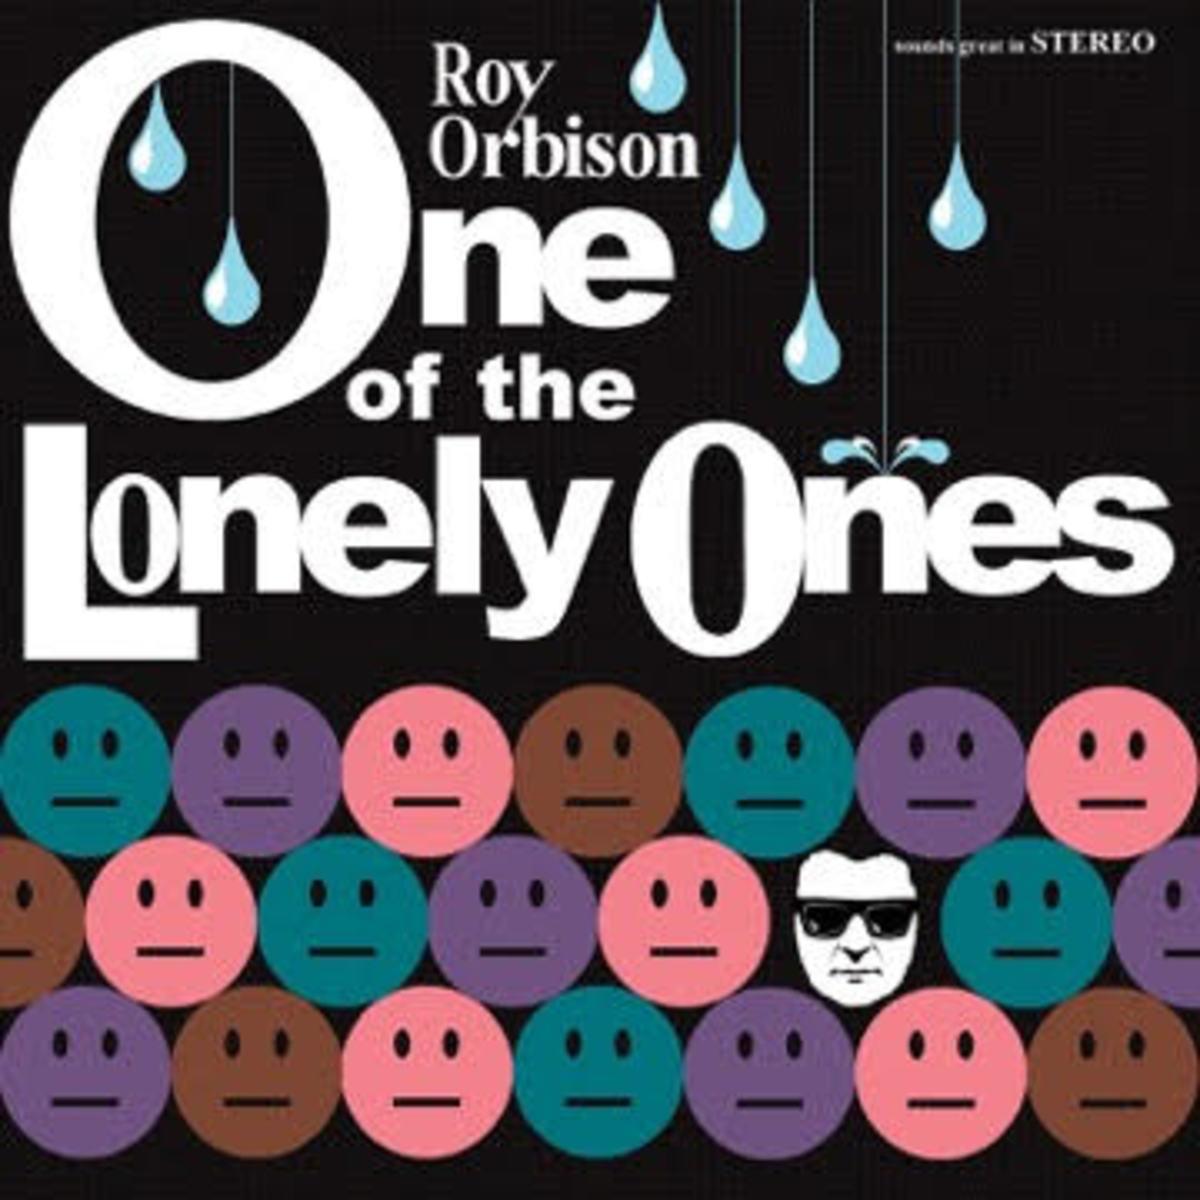 orbison-lost-album